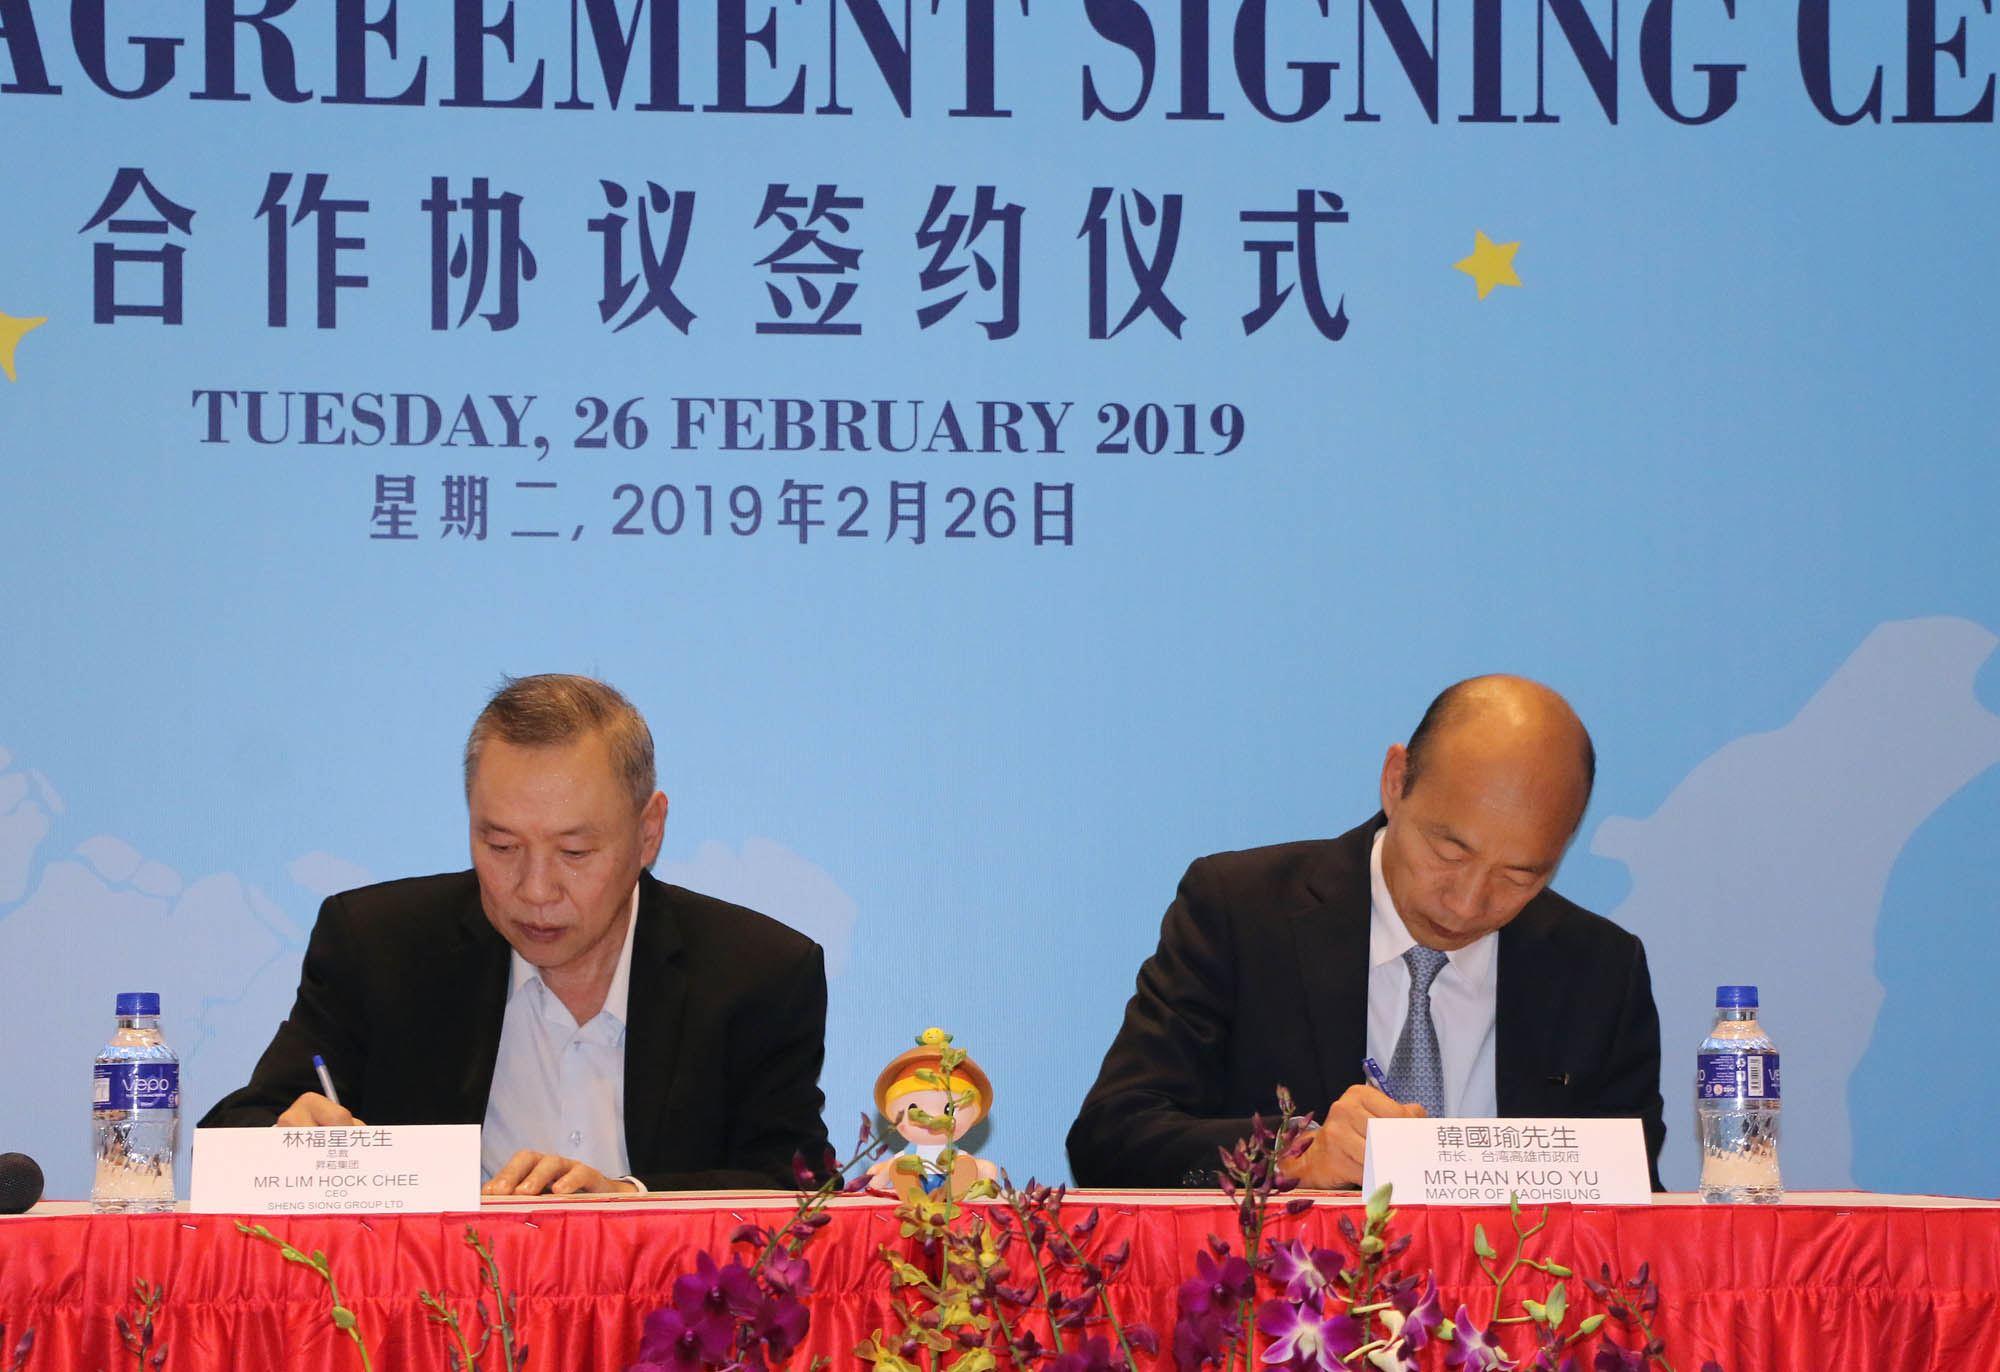 20190226續與新加坡昇菘超市簽約 韓國瑜:農產首重品質-通稿三.JPG.jpg